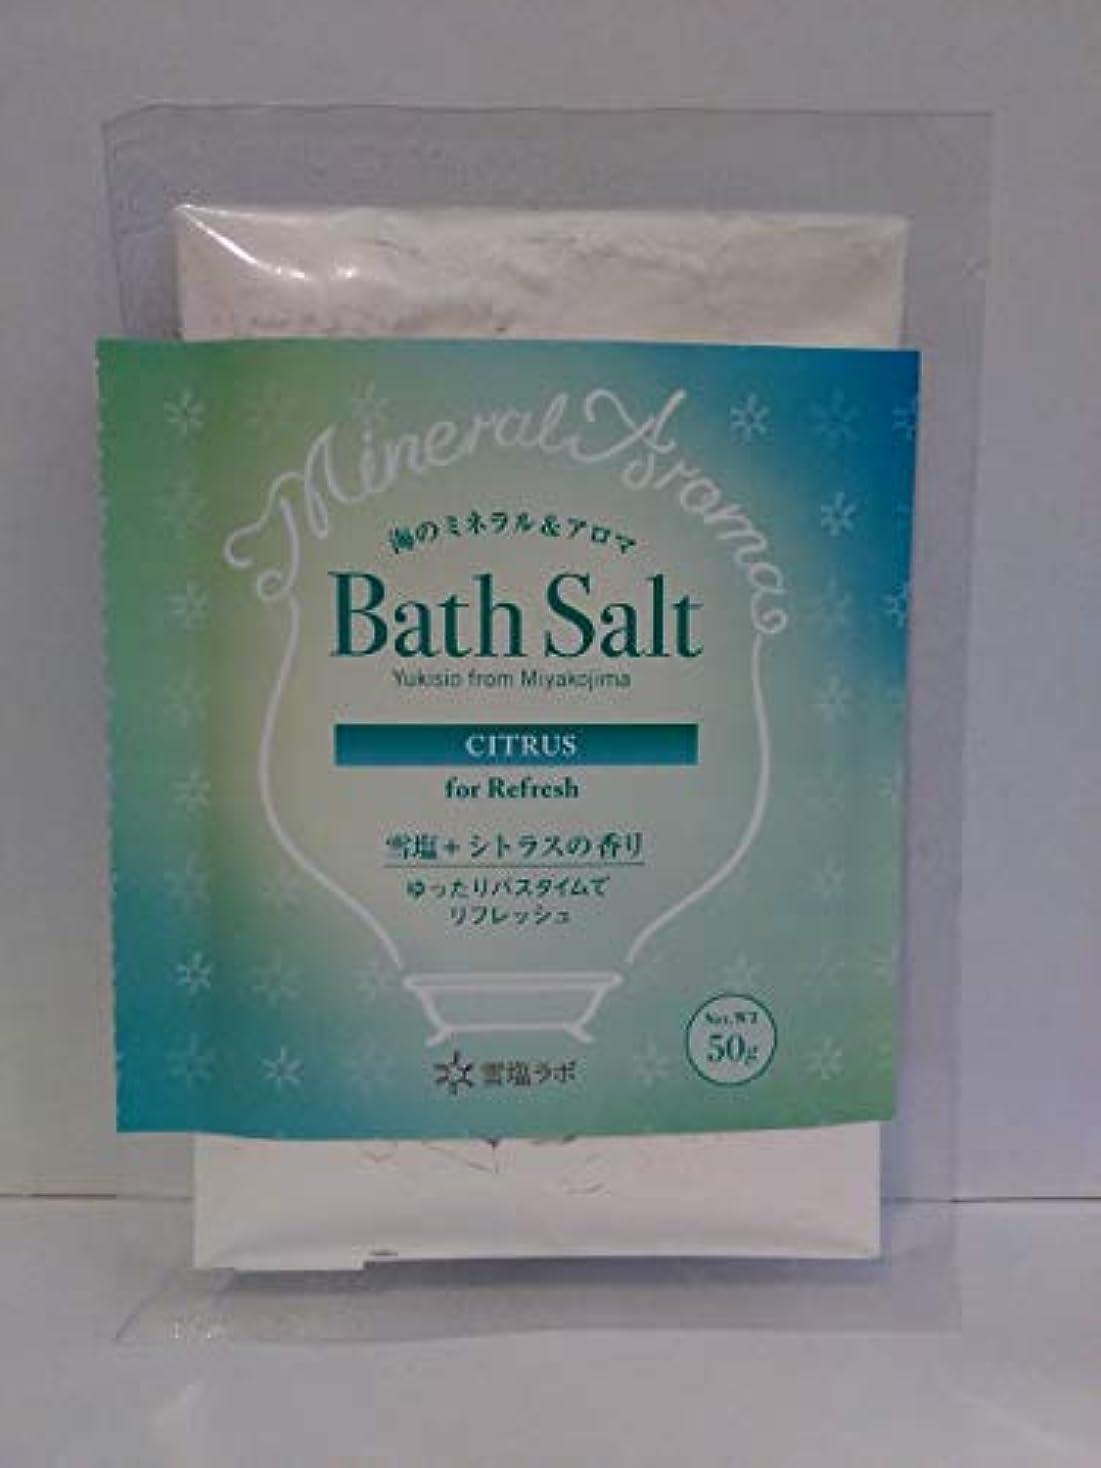 多年生フレームワーク前任者海のミネラル&アロマ Bath Salt 雪塩+シトラスの香り